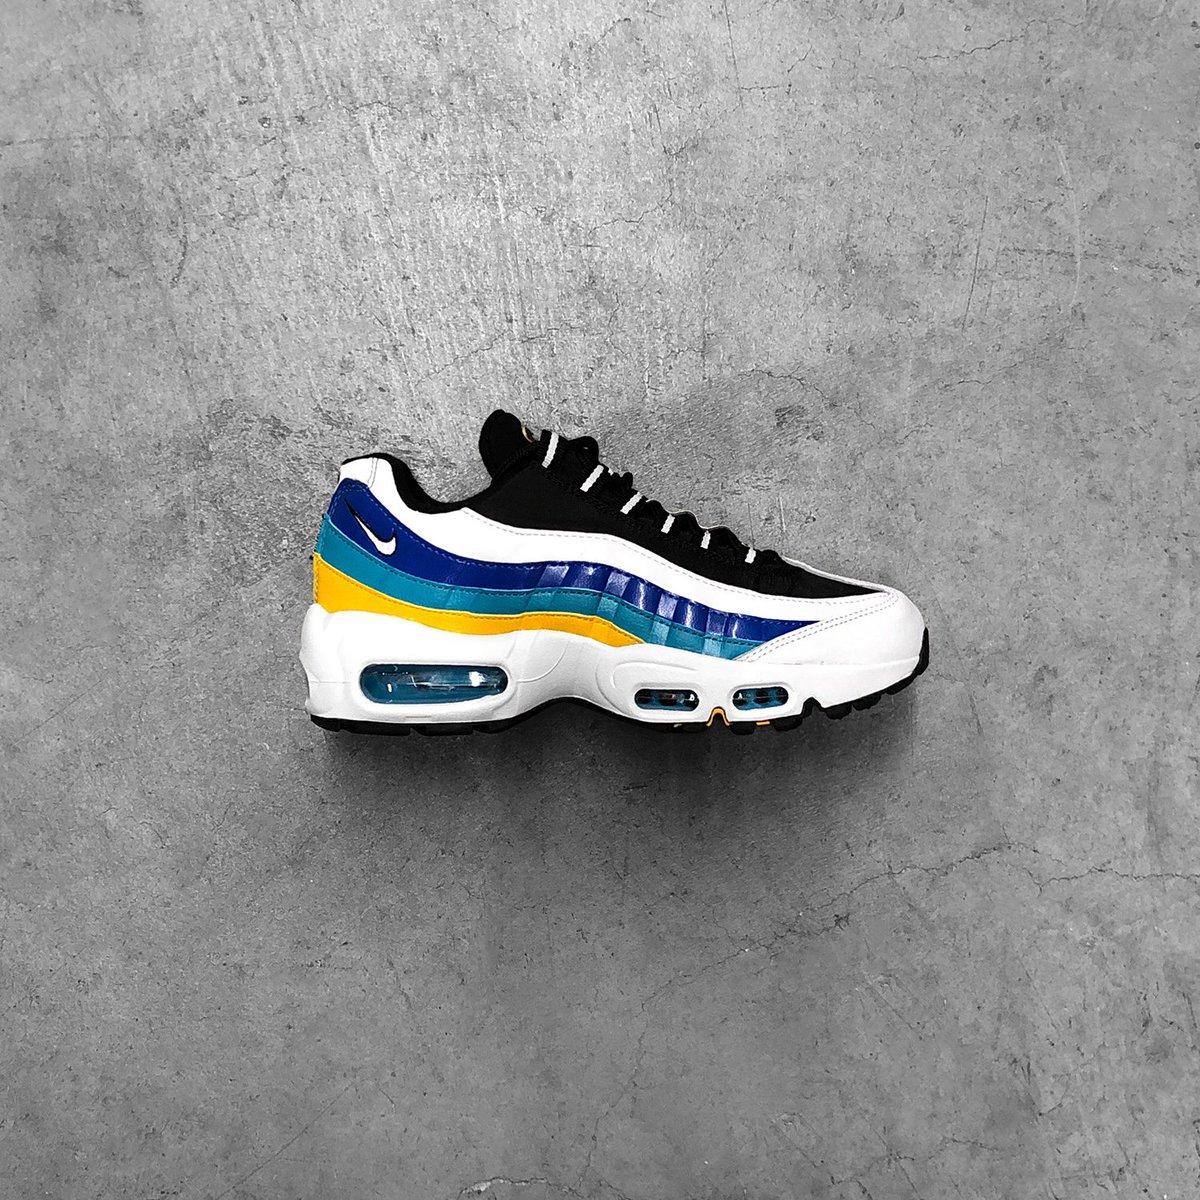 Nike AirMax 95 Premium | Sneaker10